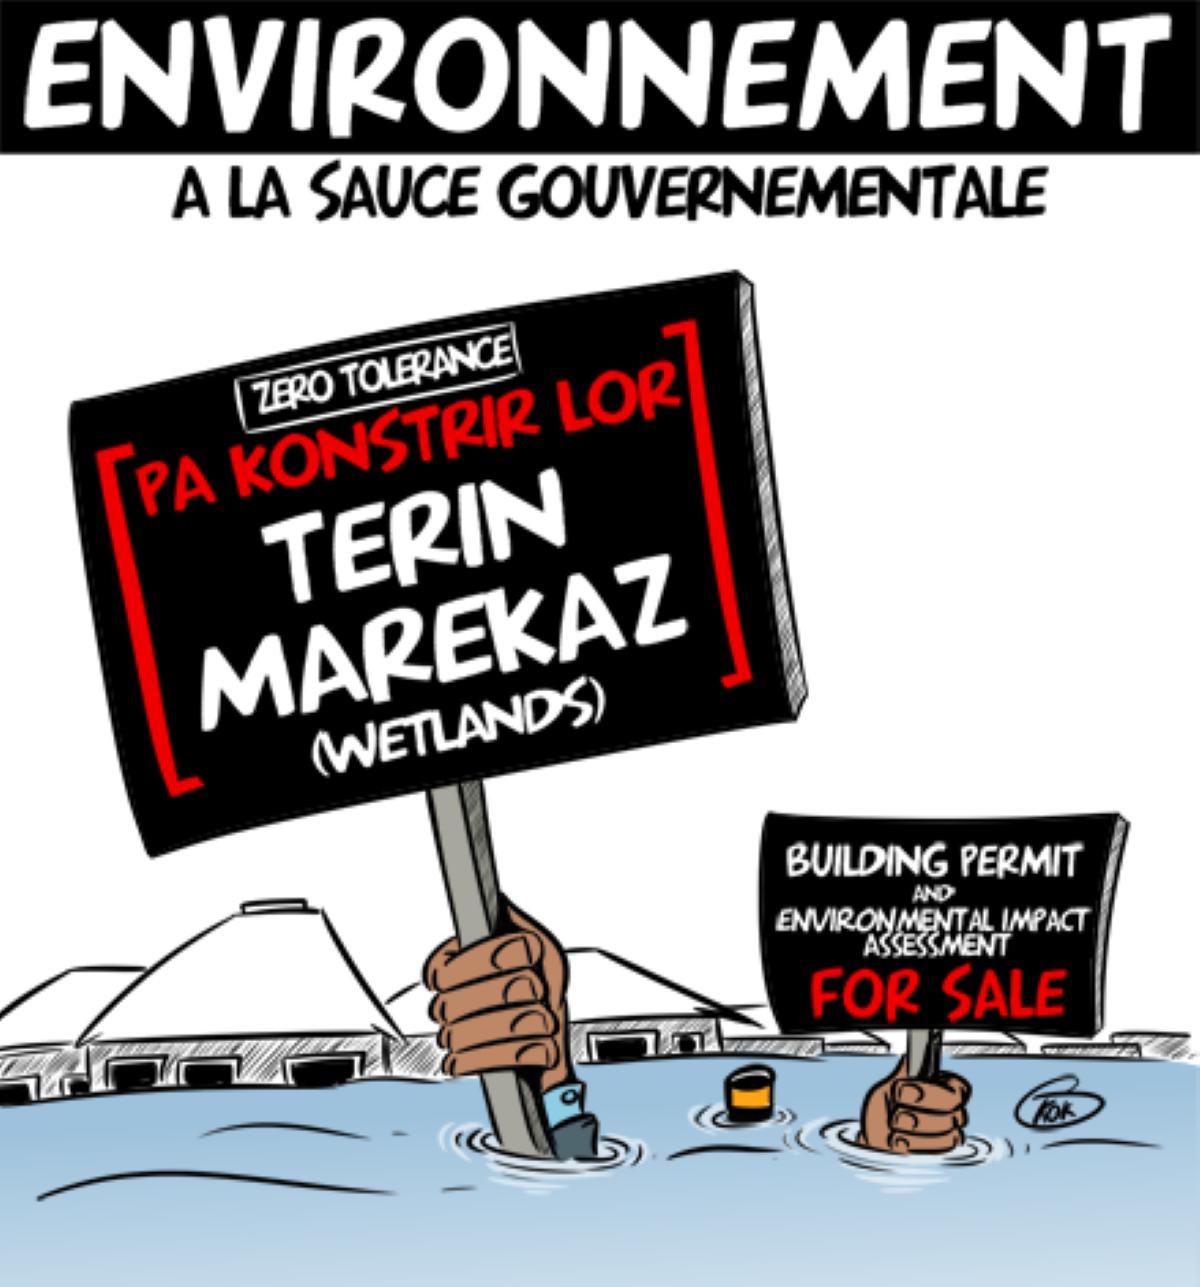 [KOK] Le dessin du jour : L'environnement à la sauce gouvernementale